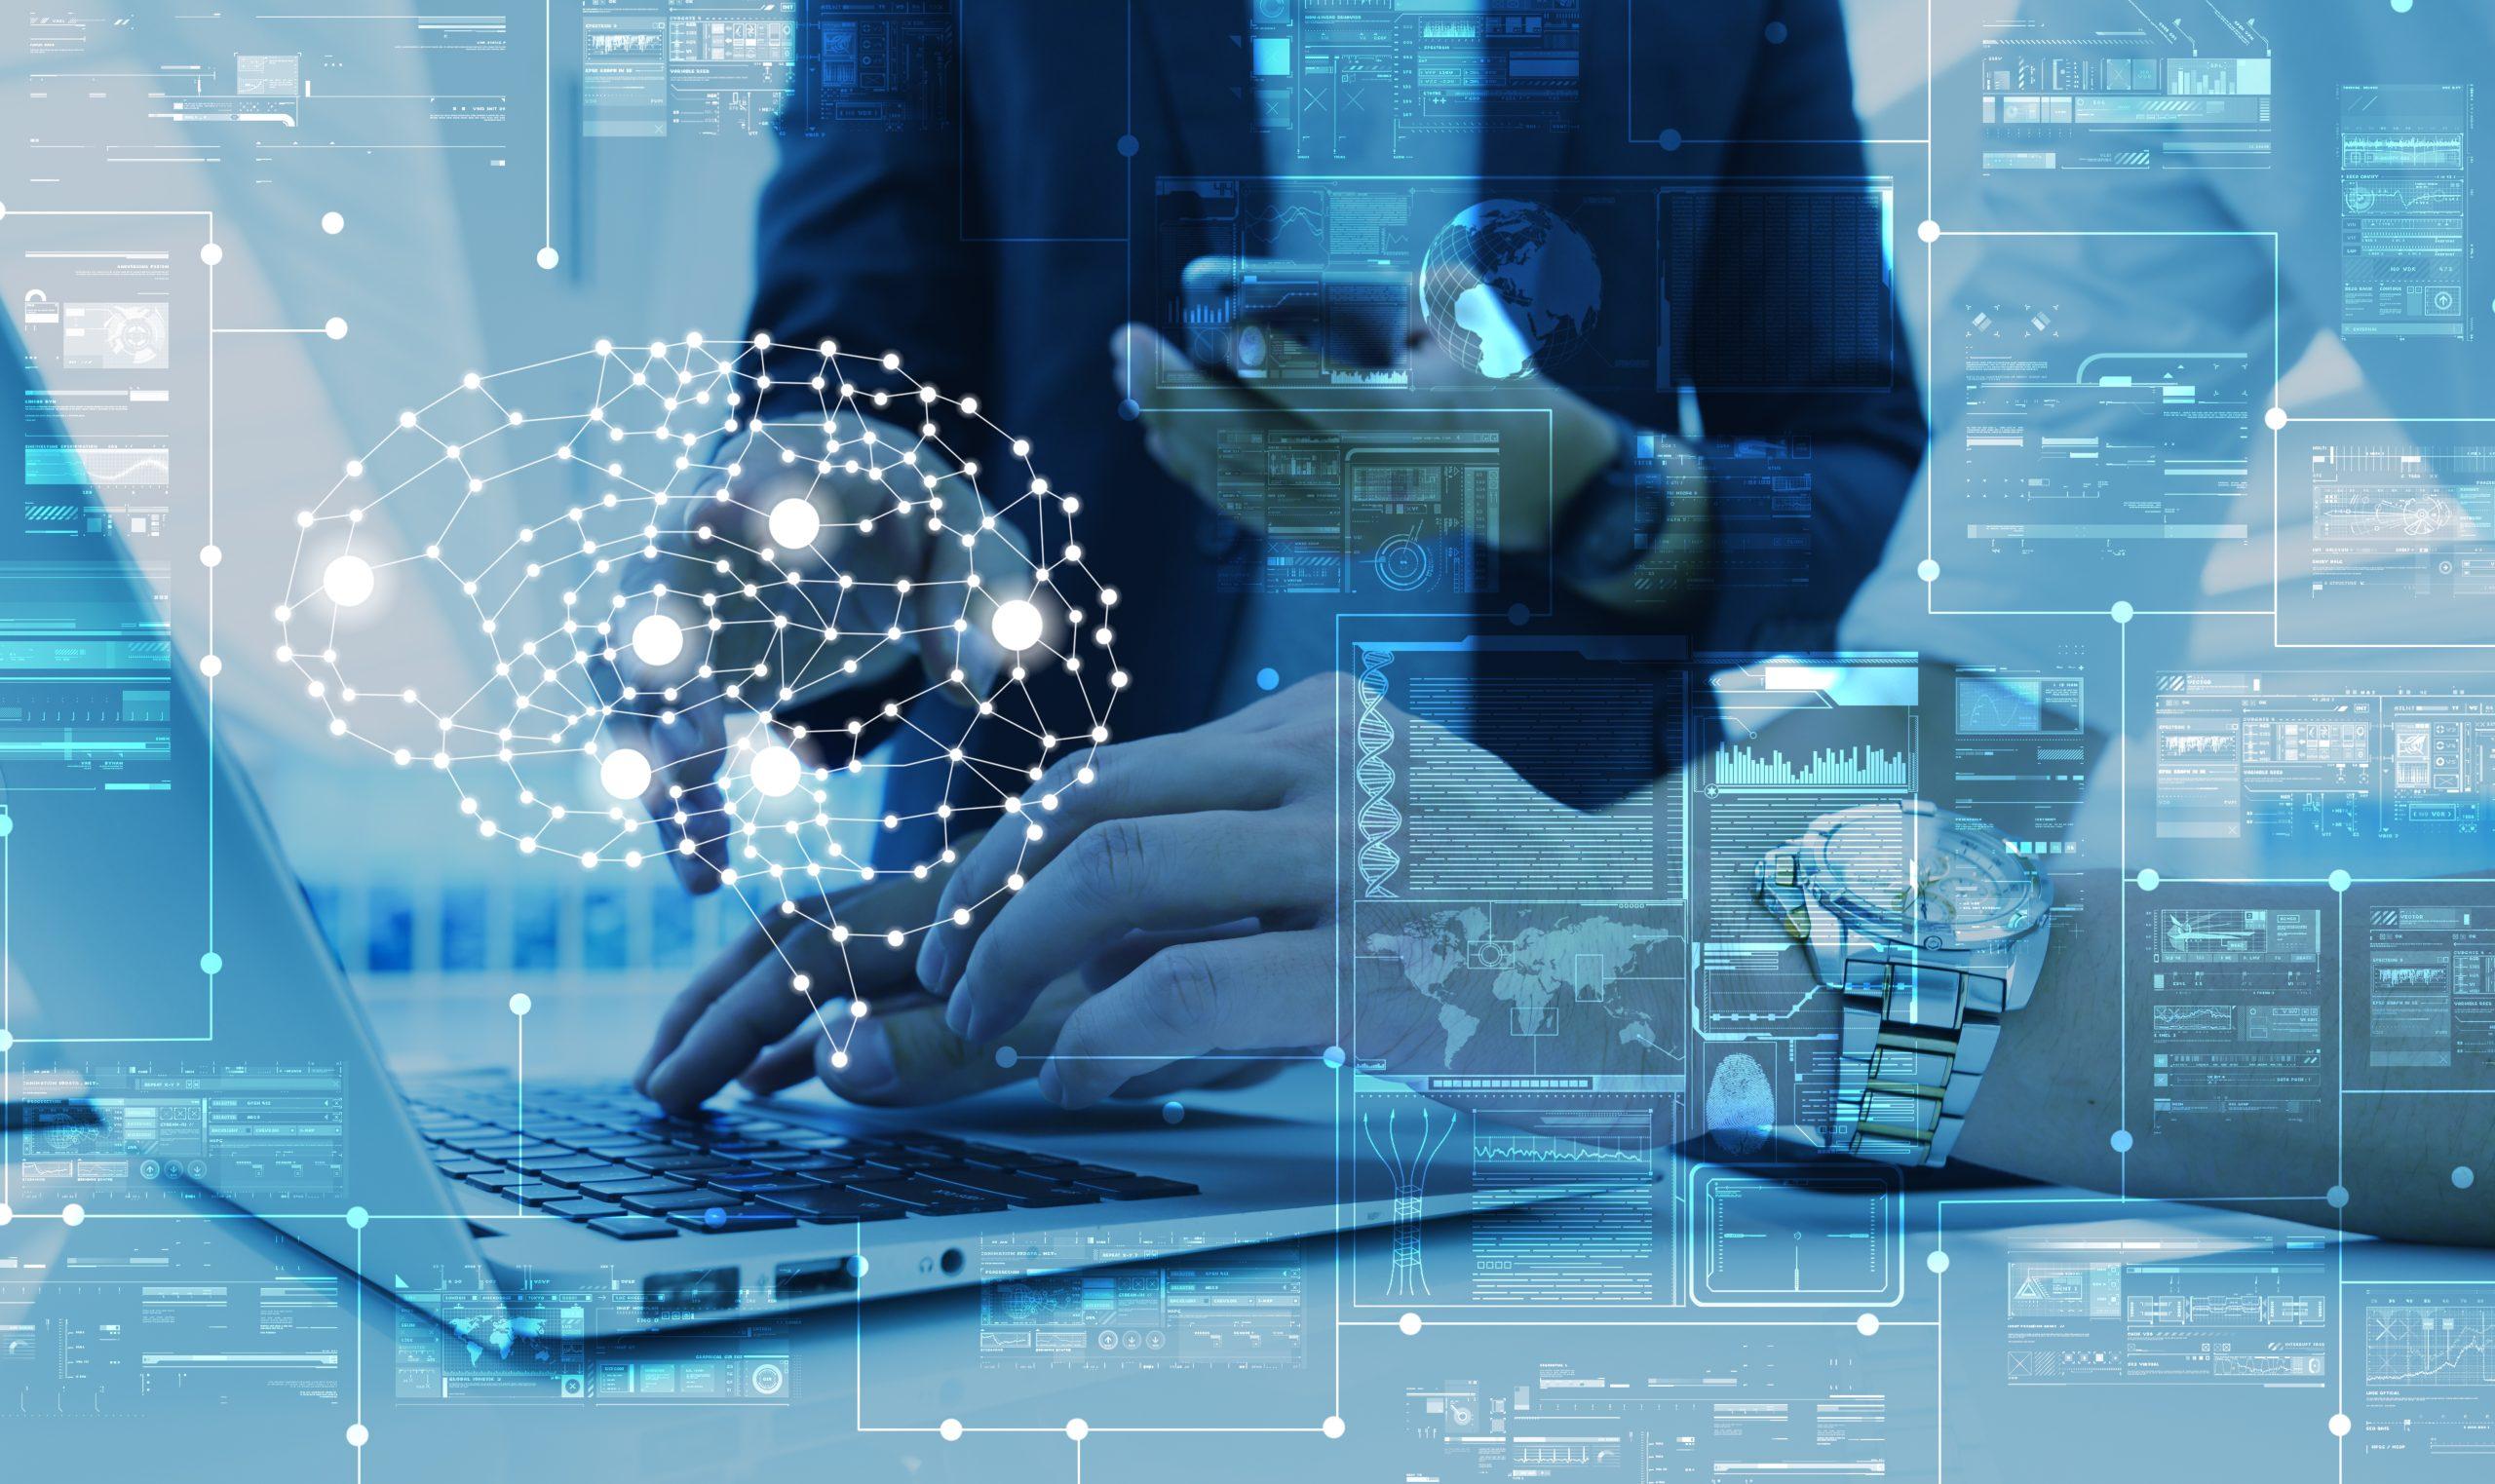 L'automatisation des processus via la Robotique et l'Intelligence Artificielle (IA)